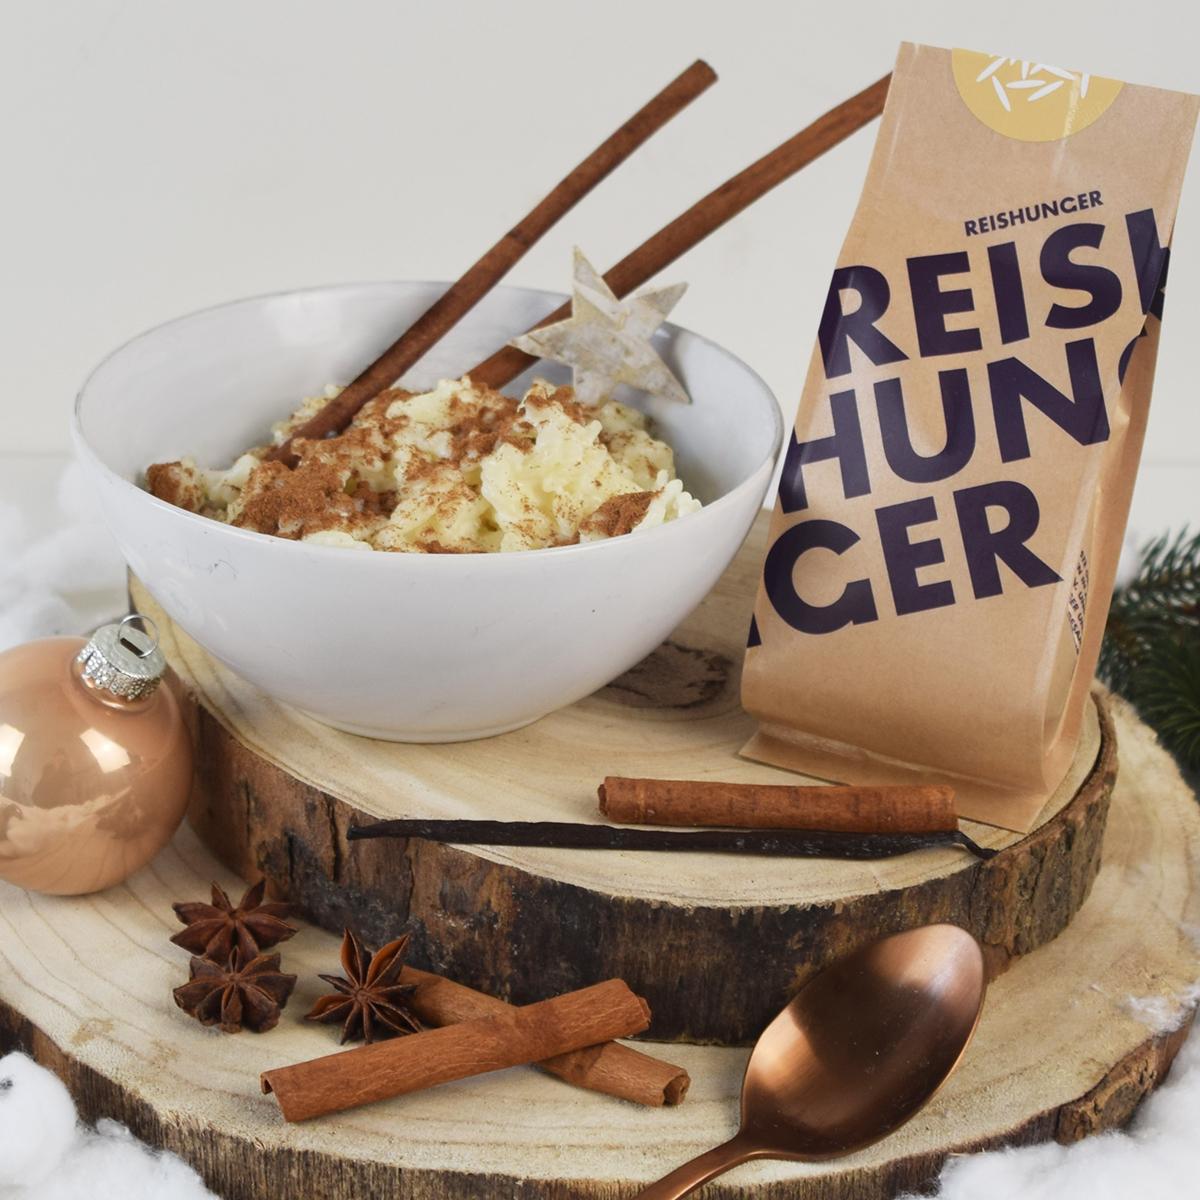 Reishunger Gewinn